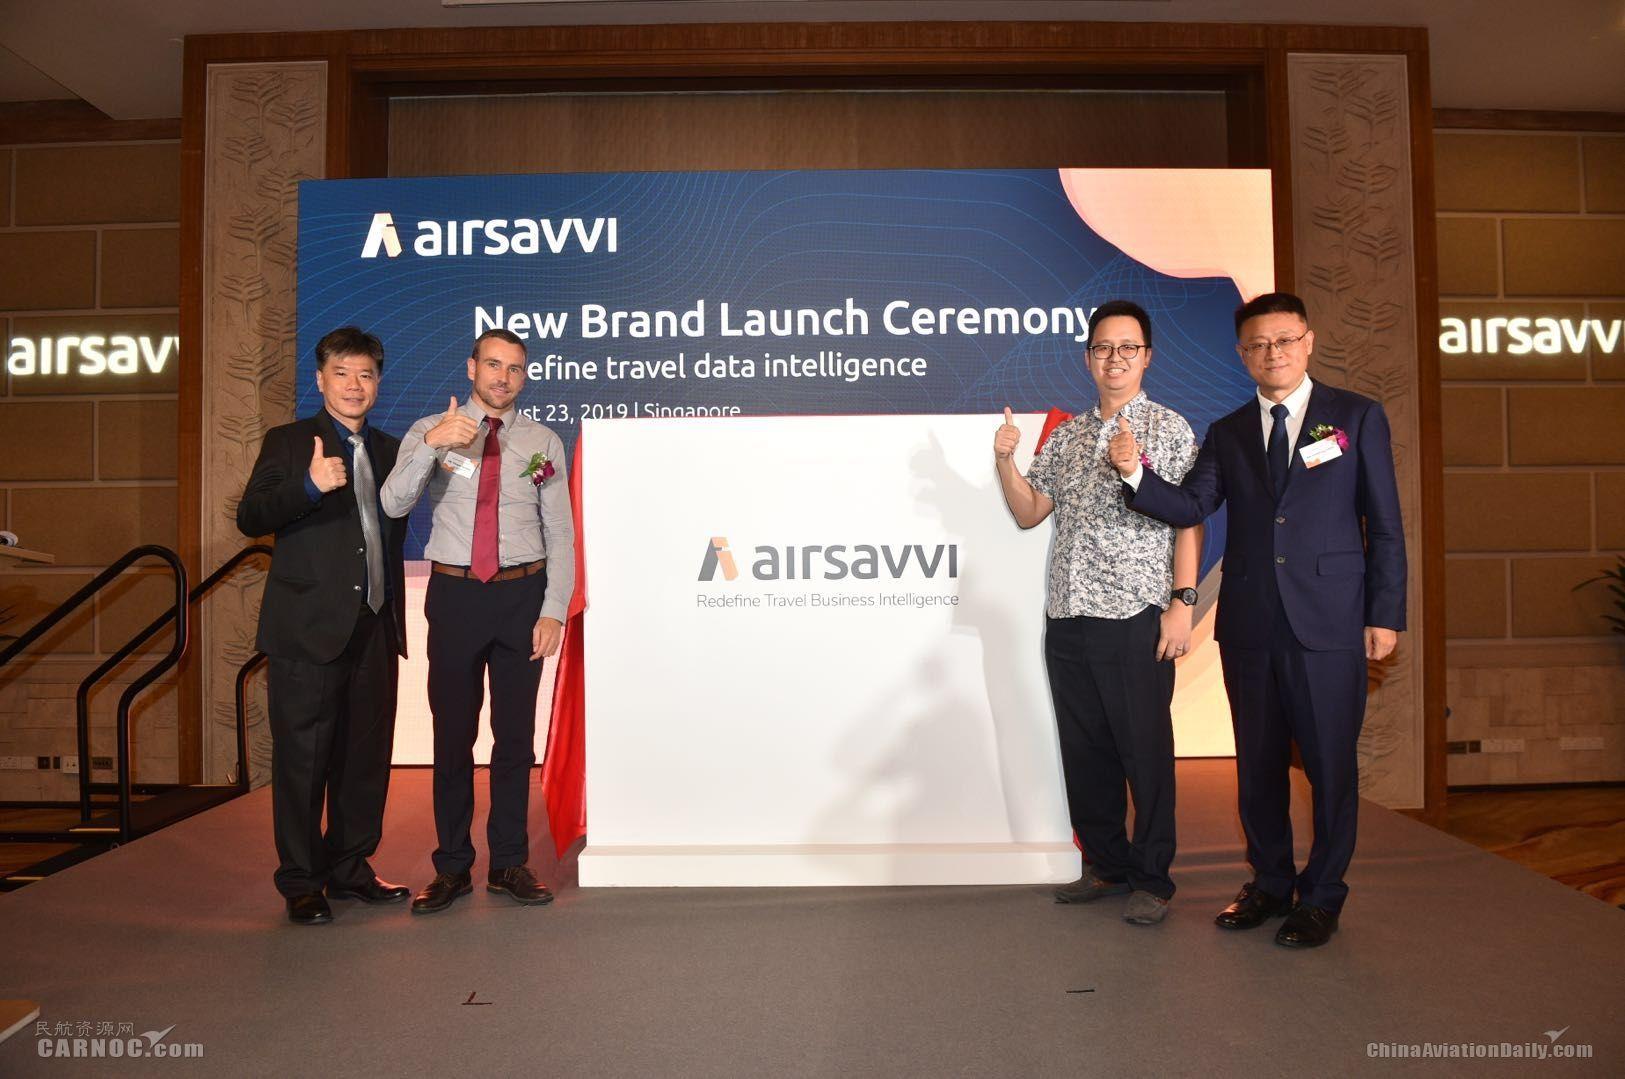 聚焦出行数据智能 飞友科技全新独立品牌Airsavvi正式发布